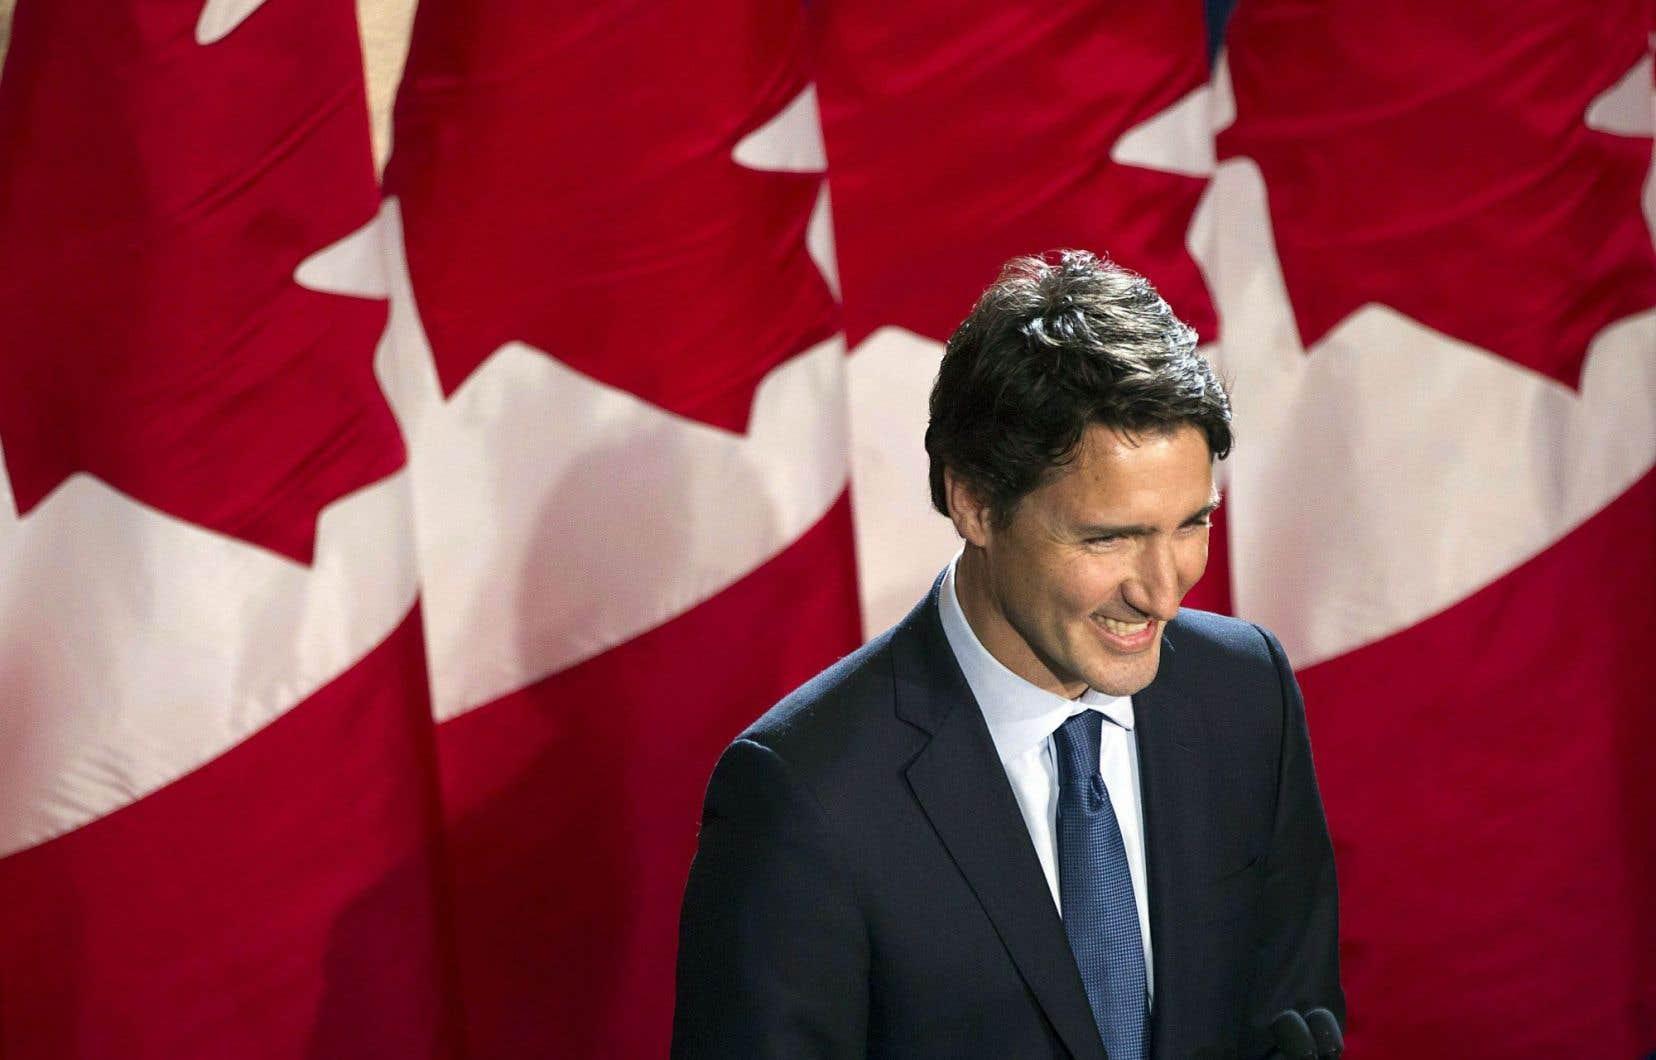 Justin Trudeau s'est engagé lors de la campagne électorale à déposer un projet de loi visant à réformer le mode de scrutin au cours des 18 premiers mois de son mandat.